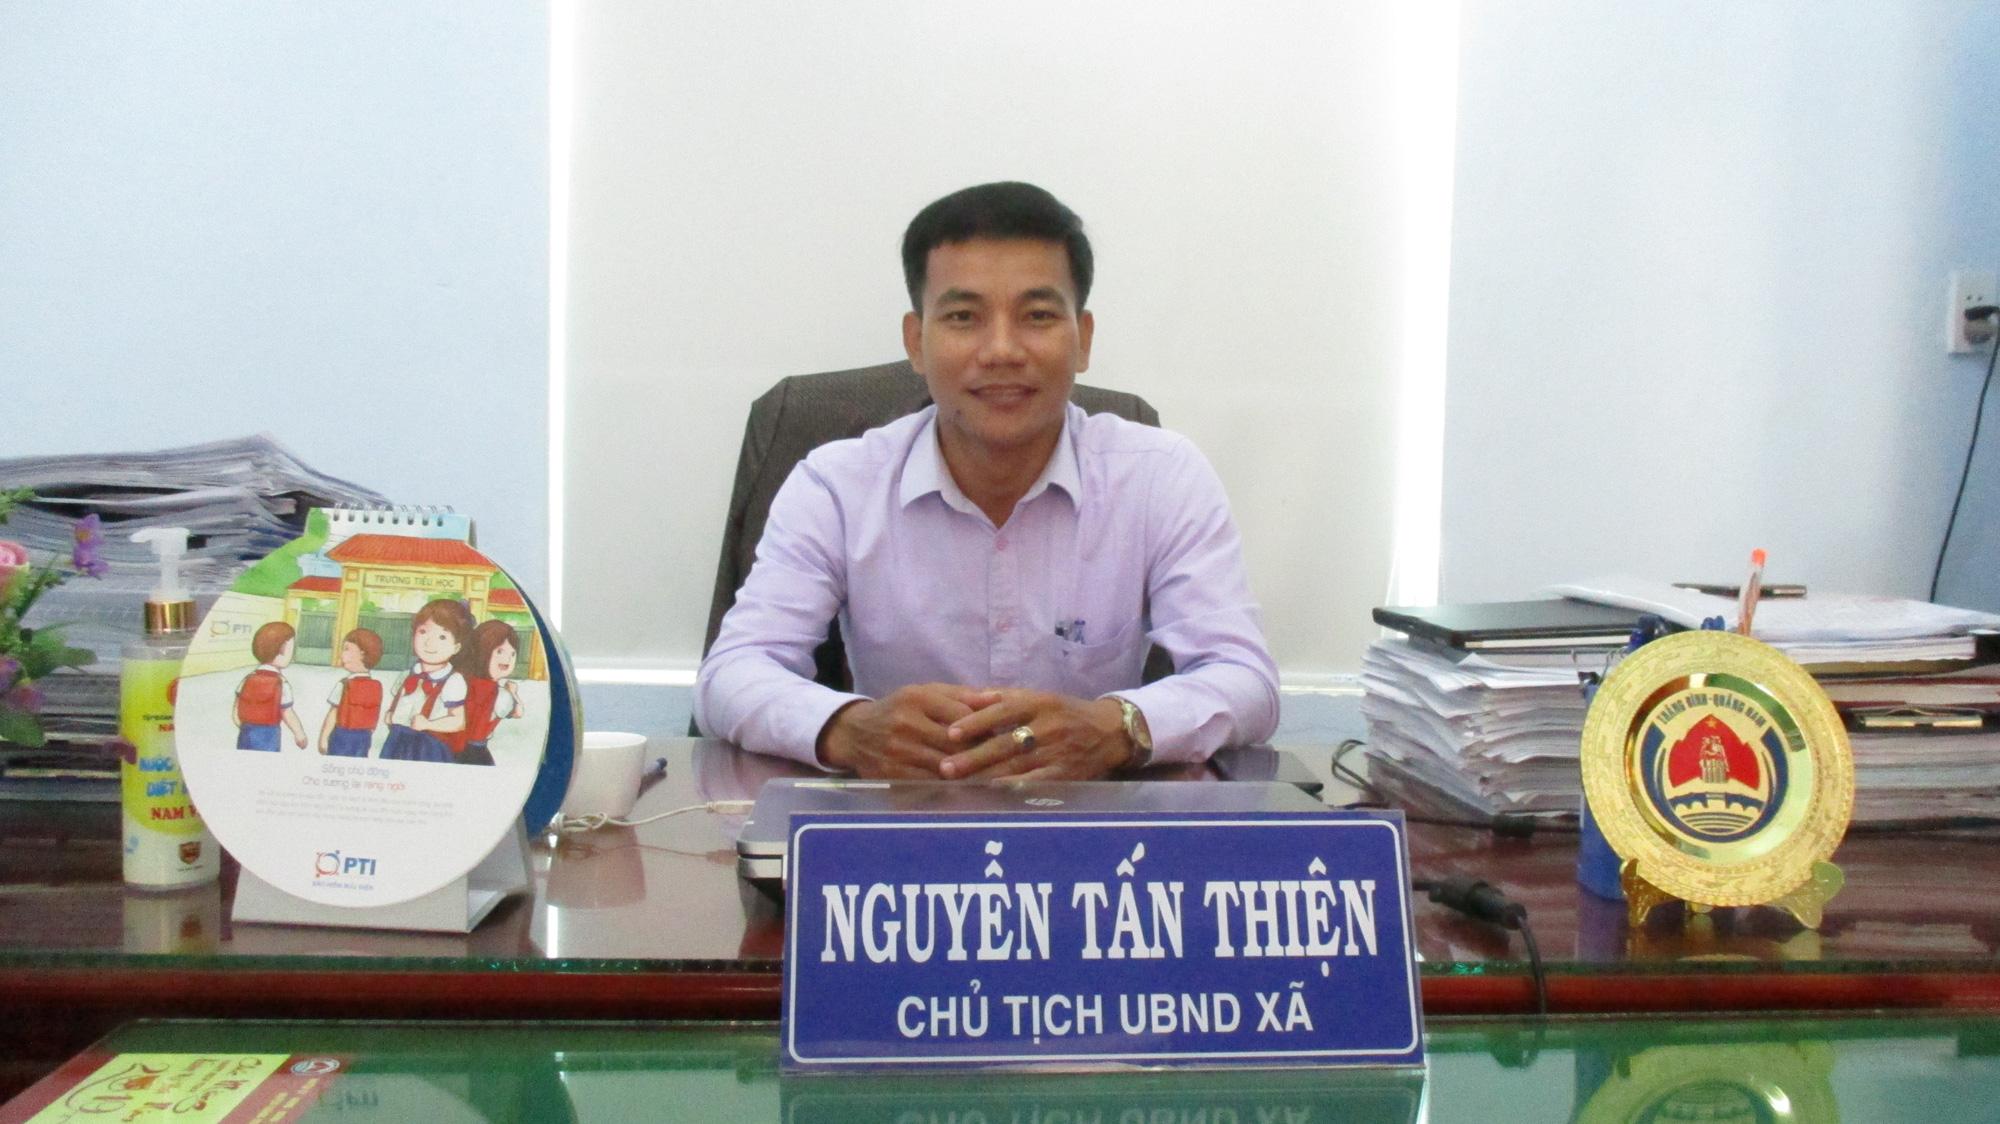 Bình Lãnh (Quảng Nam): Làng quê khởi sắc nhờ nông thôn mới - Ảnh 4.